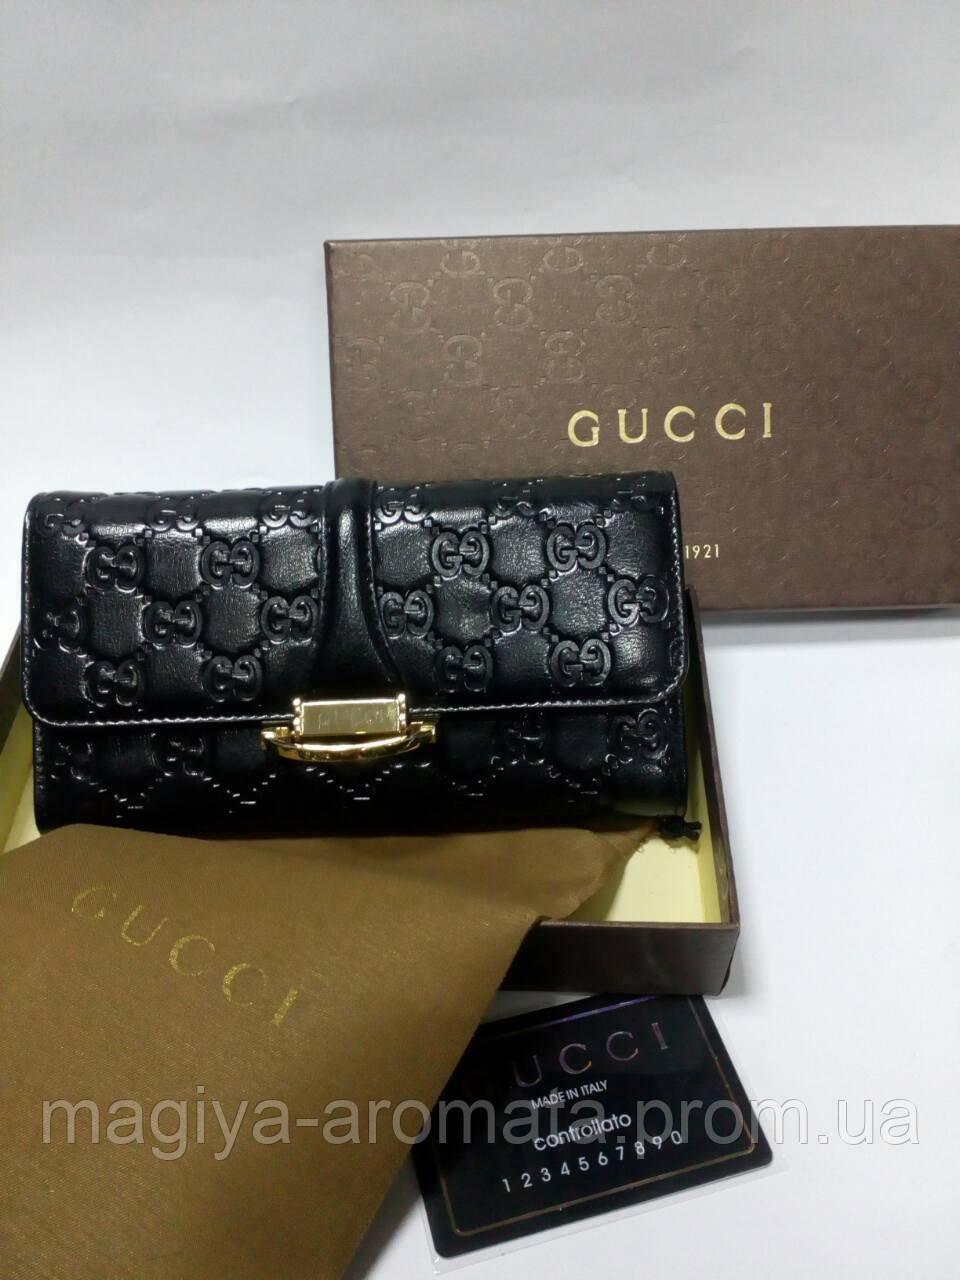 d0ae894819a5 ЖЕНСКИЙ КОЖАНЫЙ портмоне кошелек Gucci Гуччи Original черный ...